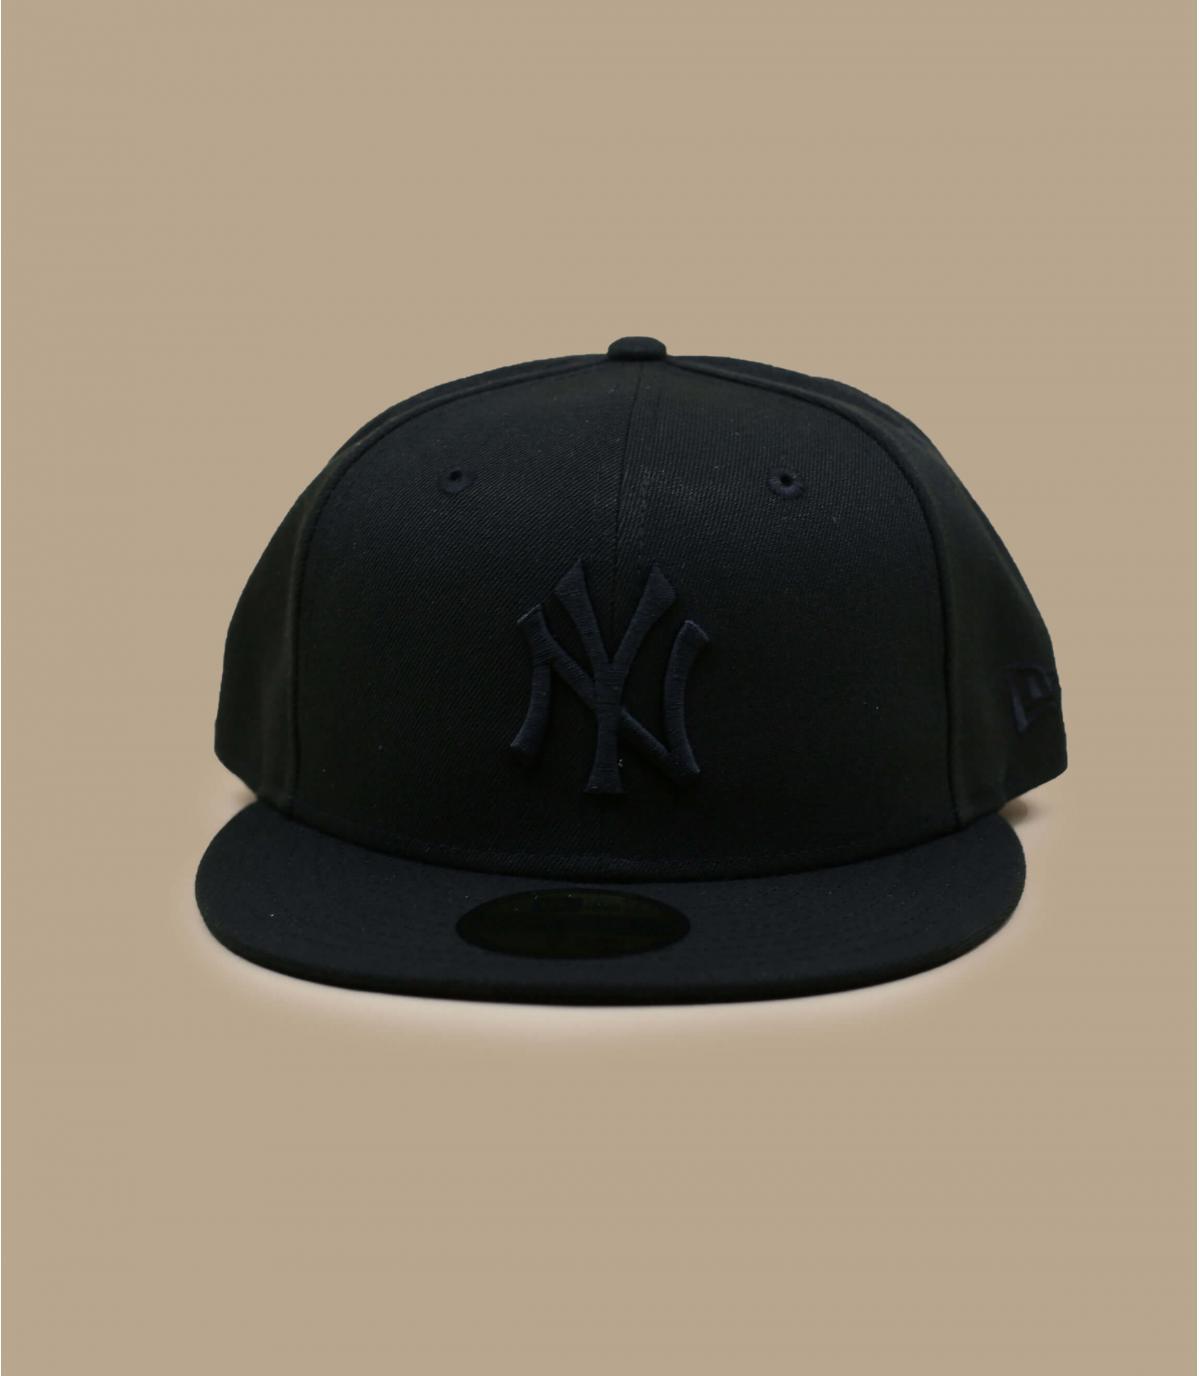 Détails Casquette NY 59fifty noir noir - image 2